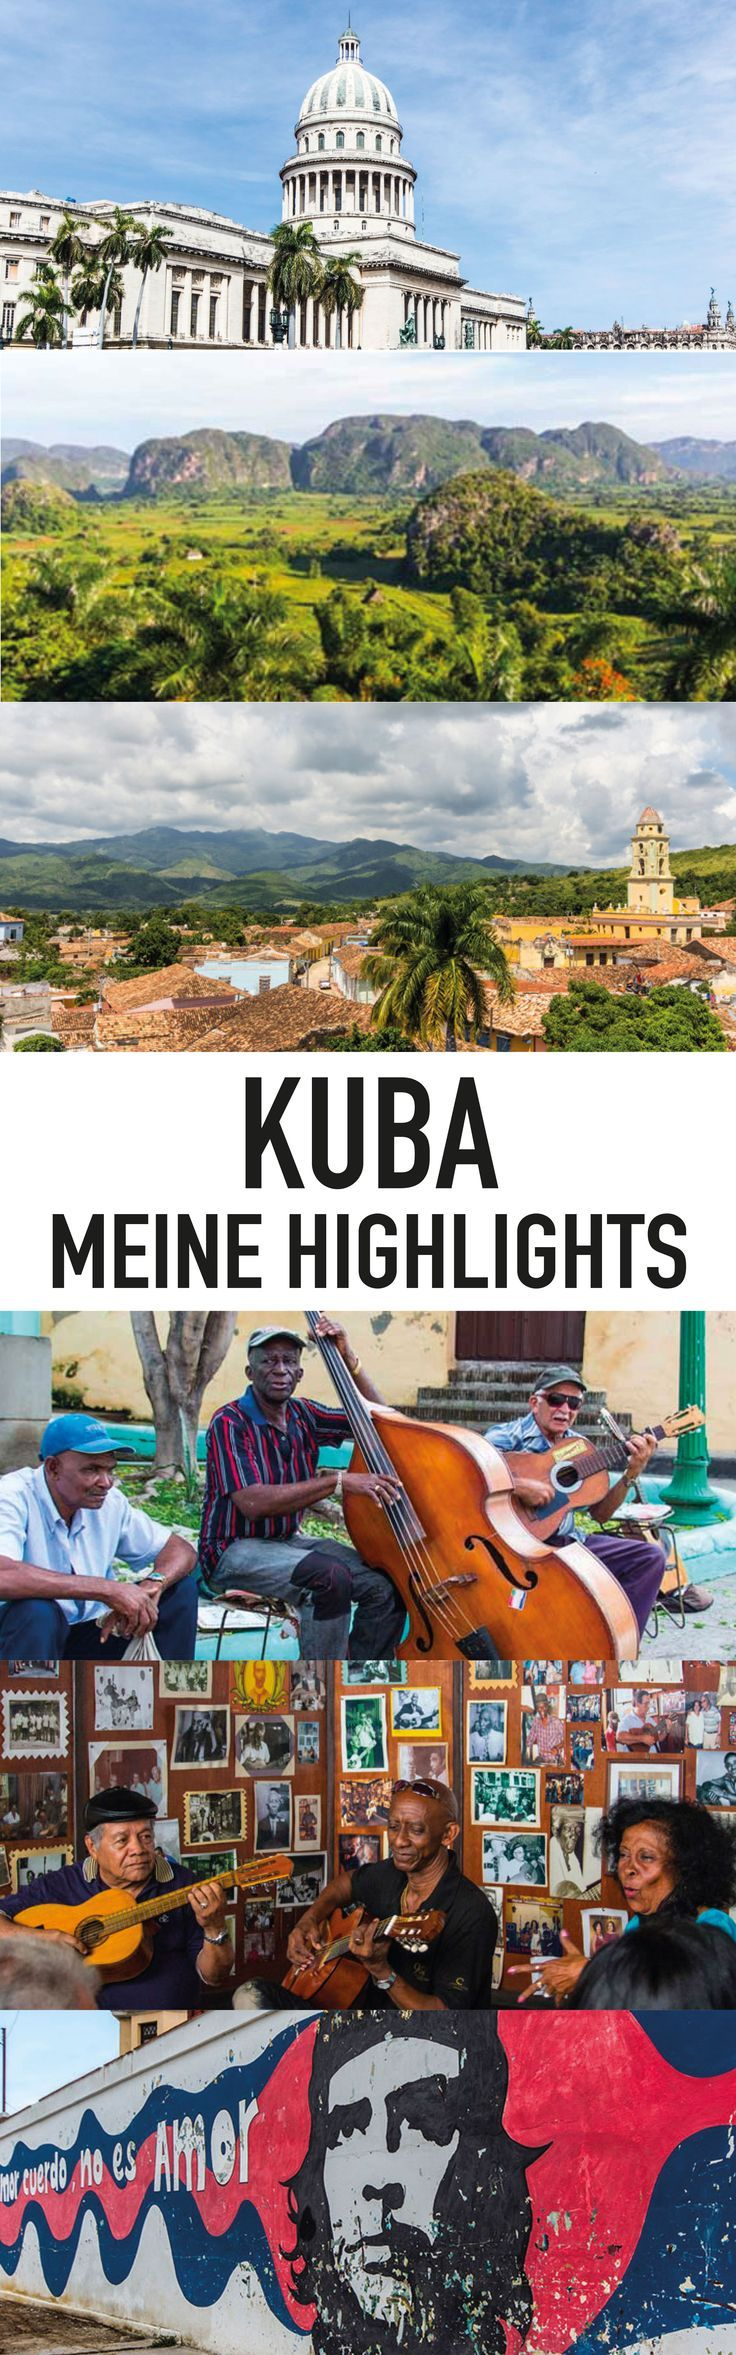 Kuba ist zu groß und es gibt zu viele Highlights und Sehenswürdigkeiten, um alle in zwei Wochen gesehen zu haben. Ich war auf meiner Kuba Rundreise für drei Wochen unterwegs. Diese Orte haben mich beeindruckt und waren meine persönlichen Highlights.